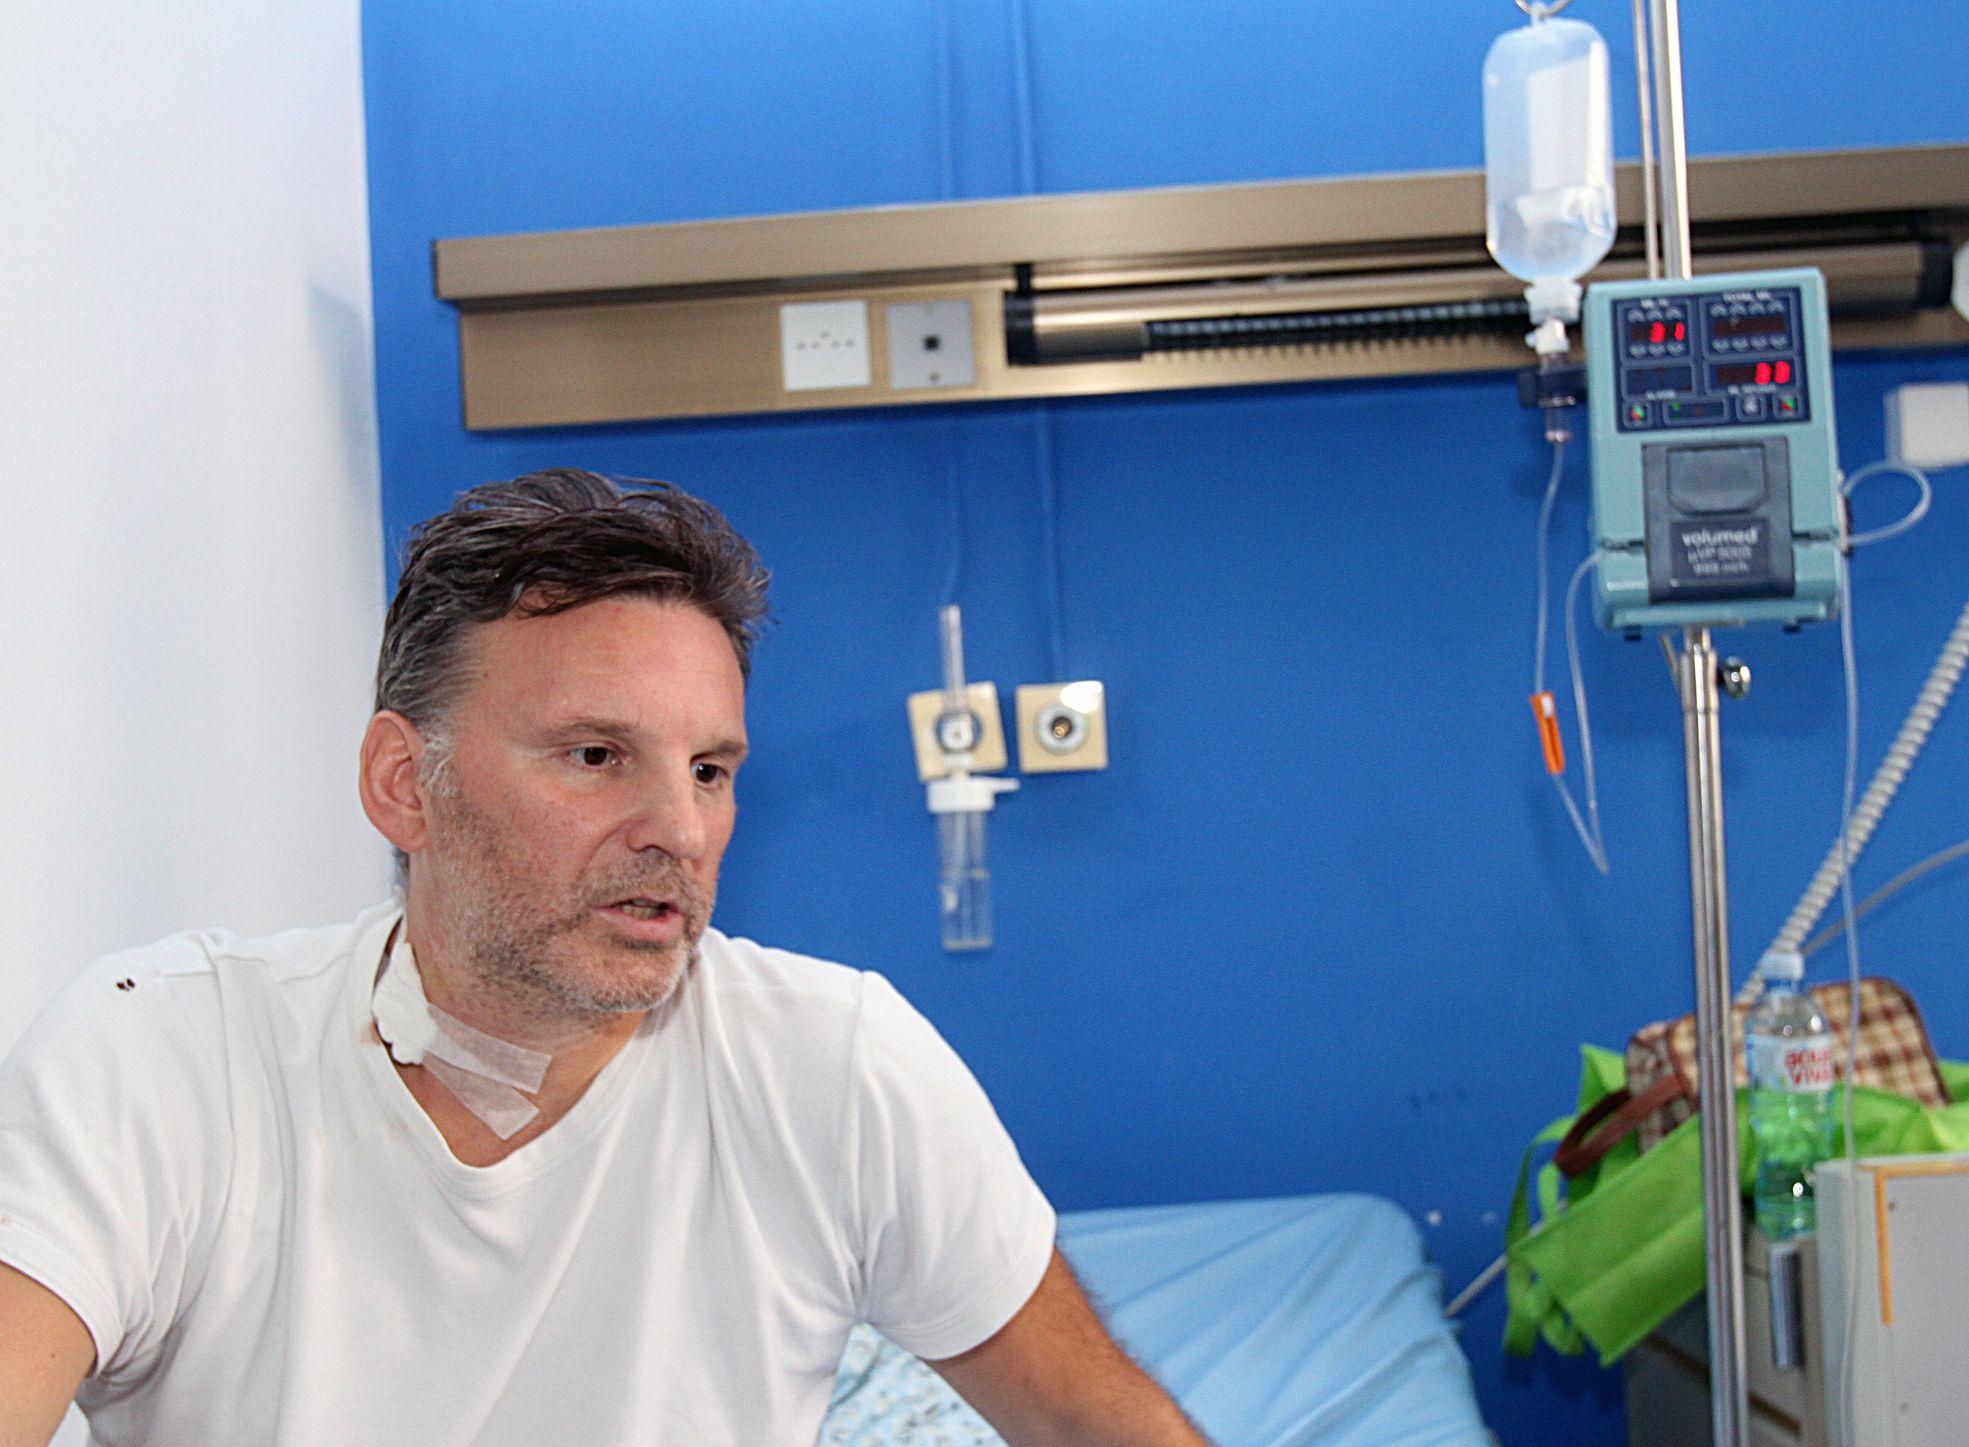 pacijent, Dnevnik/Branko Lučić